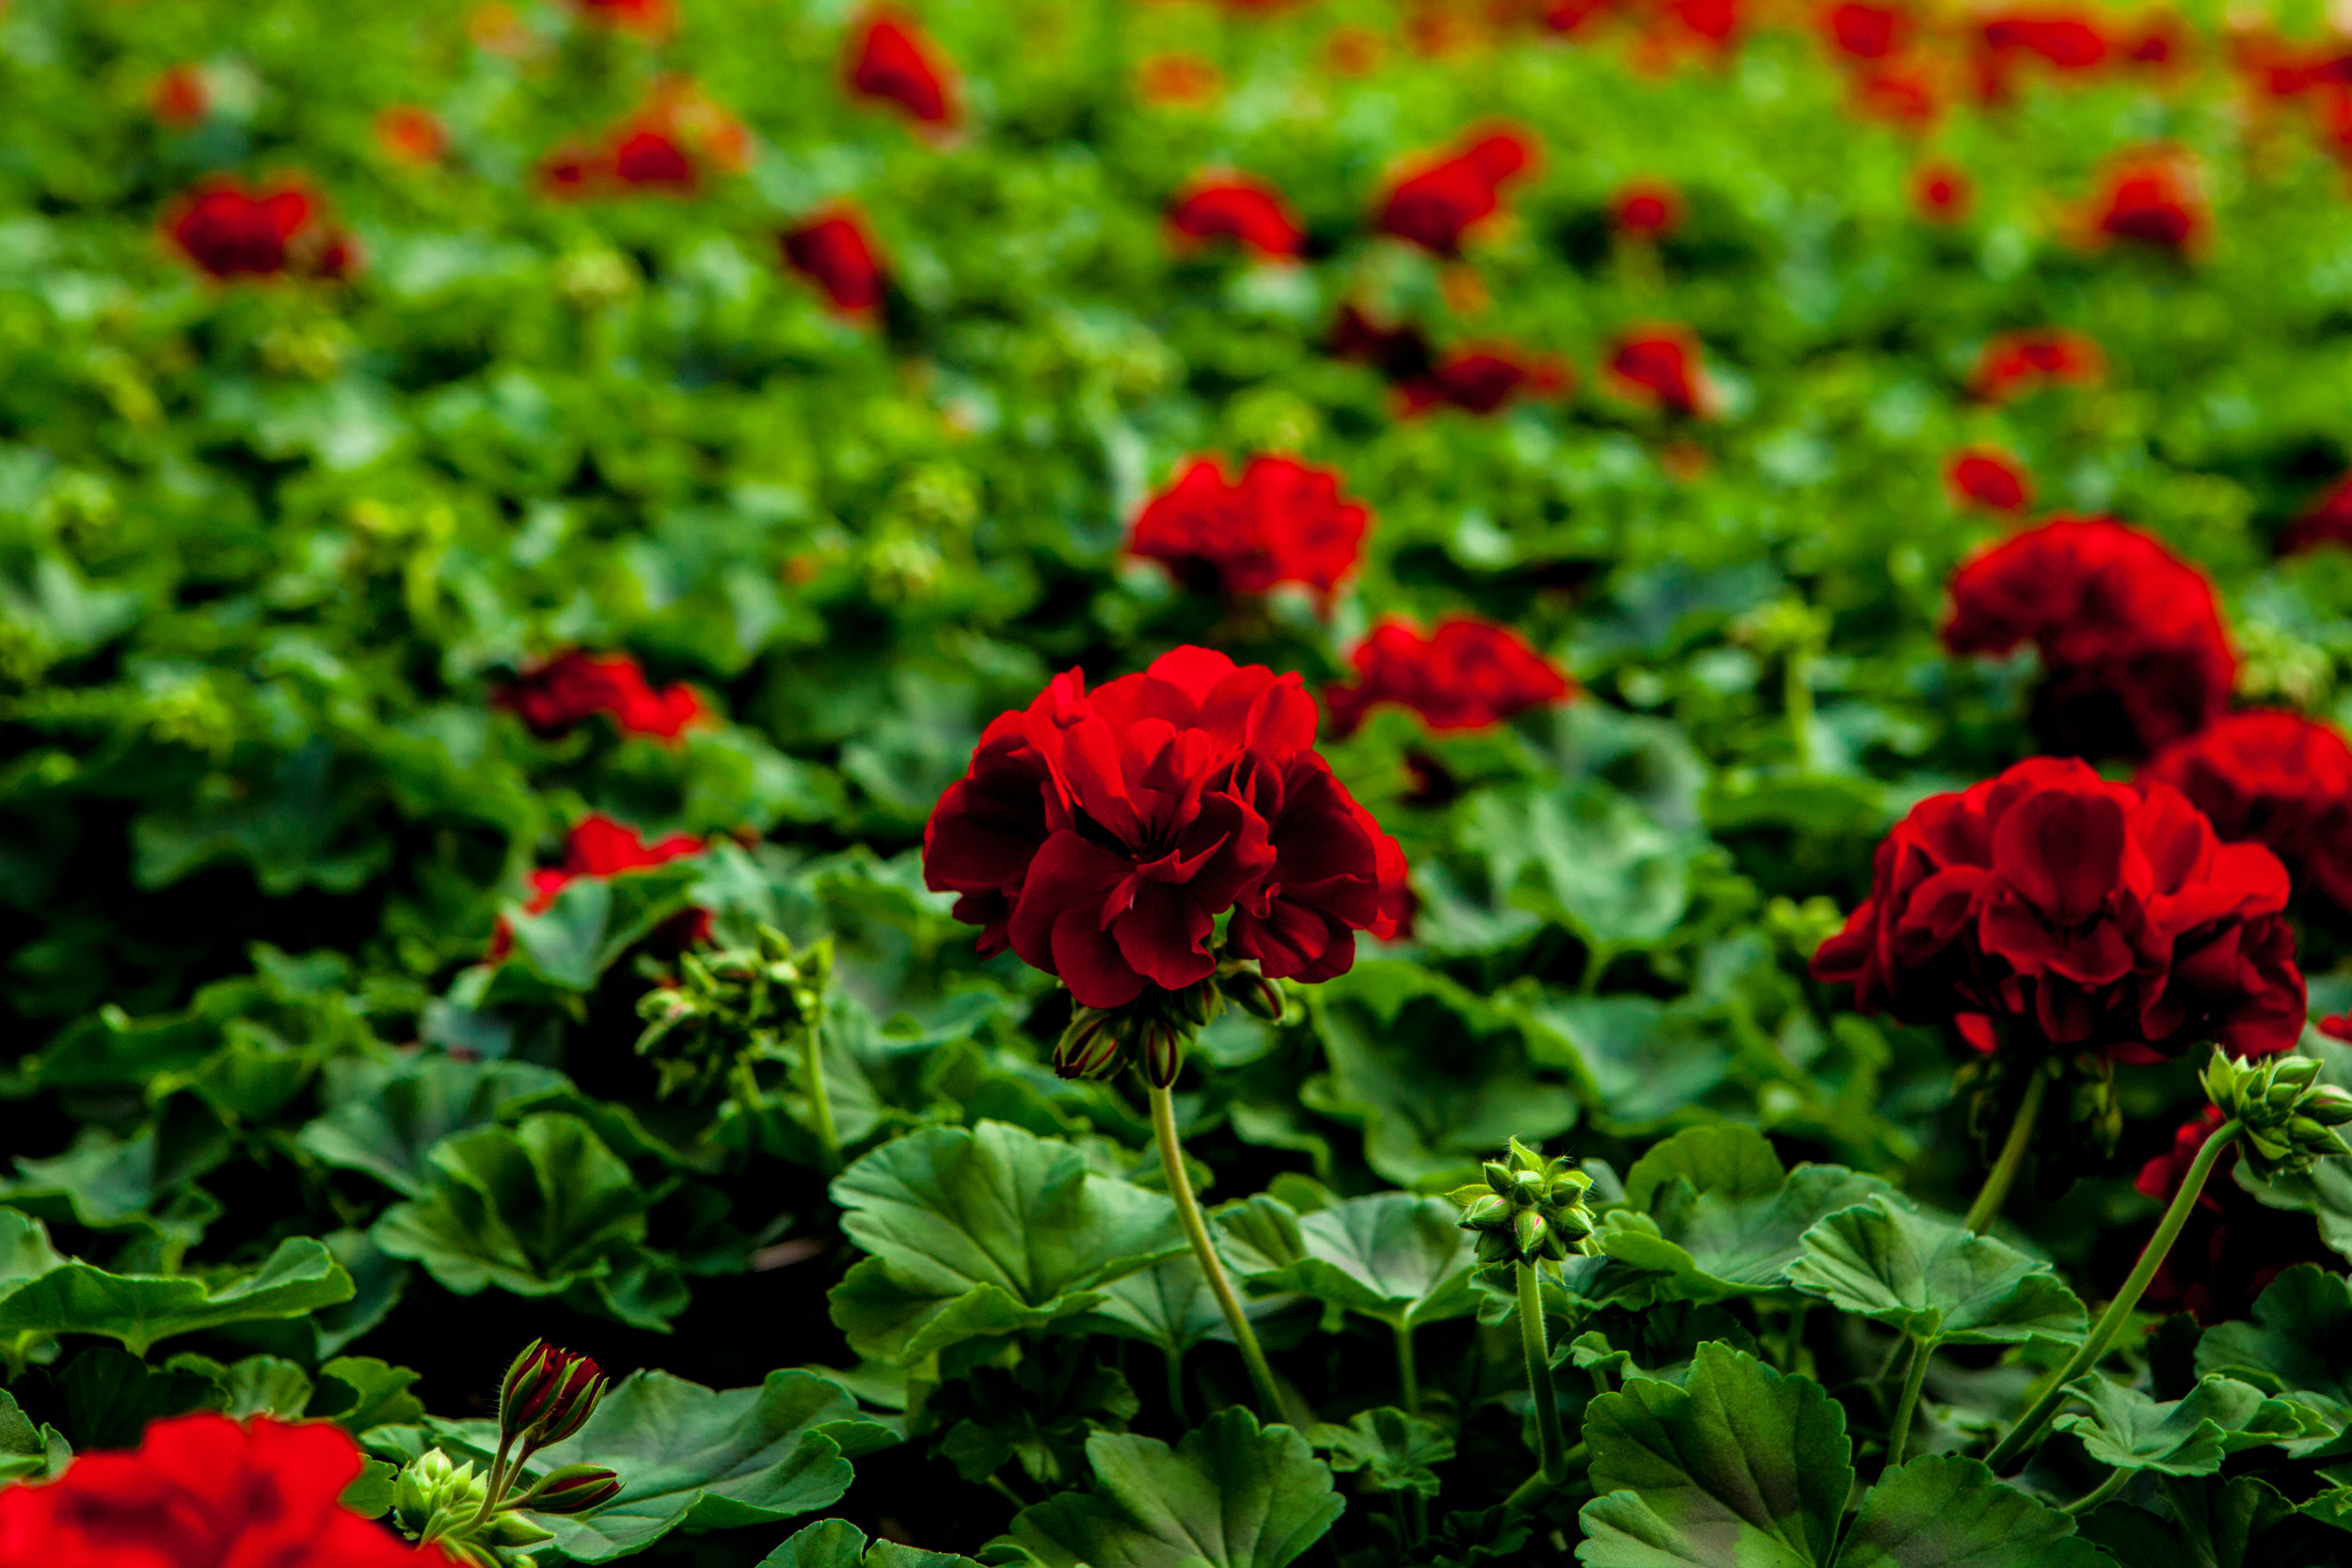 Et blomsterhav av mørk rød Pelargonia.